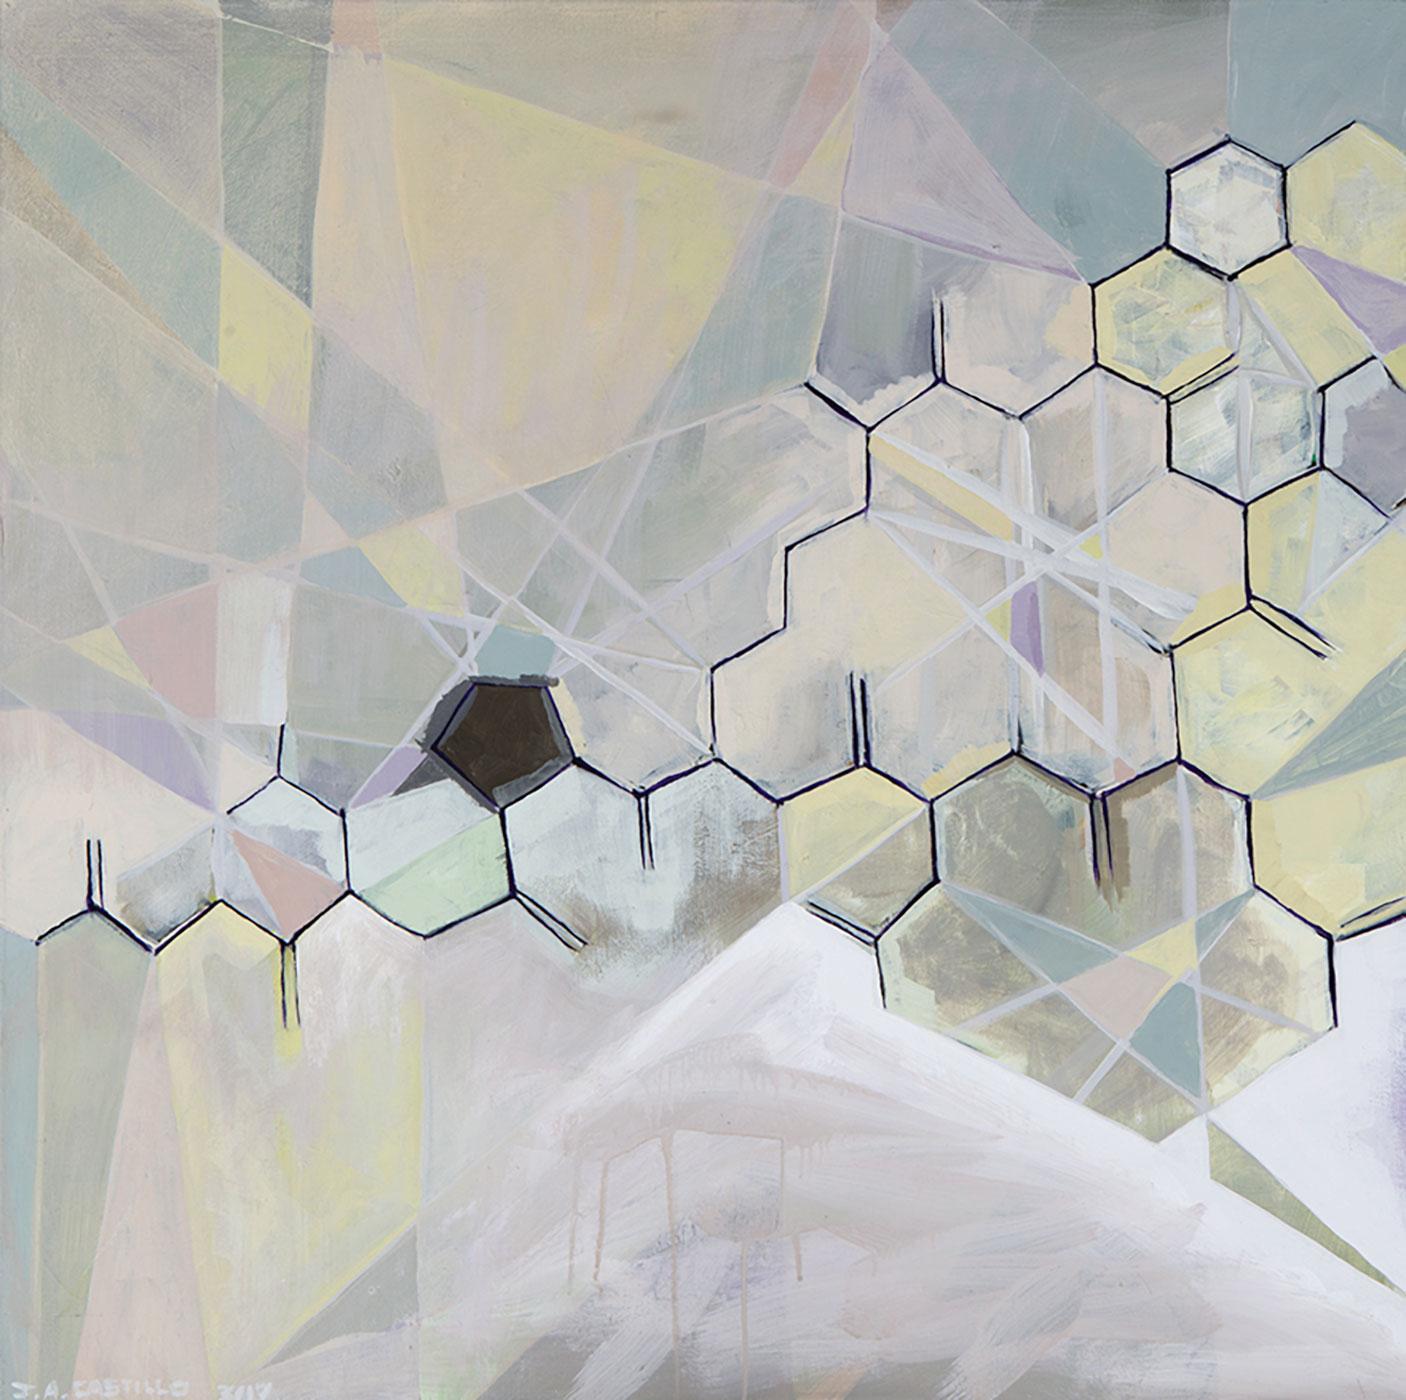 Juan A. Castillo - Oxytocin